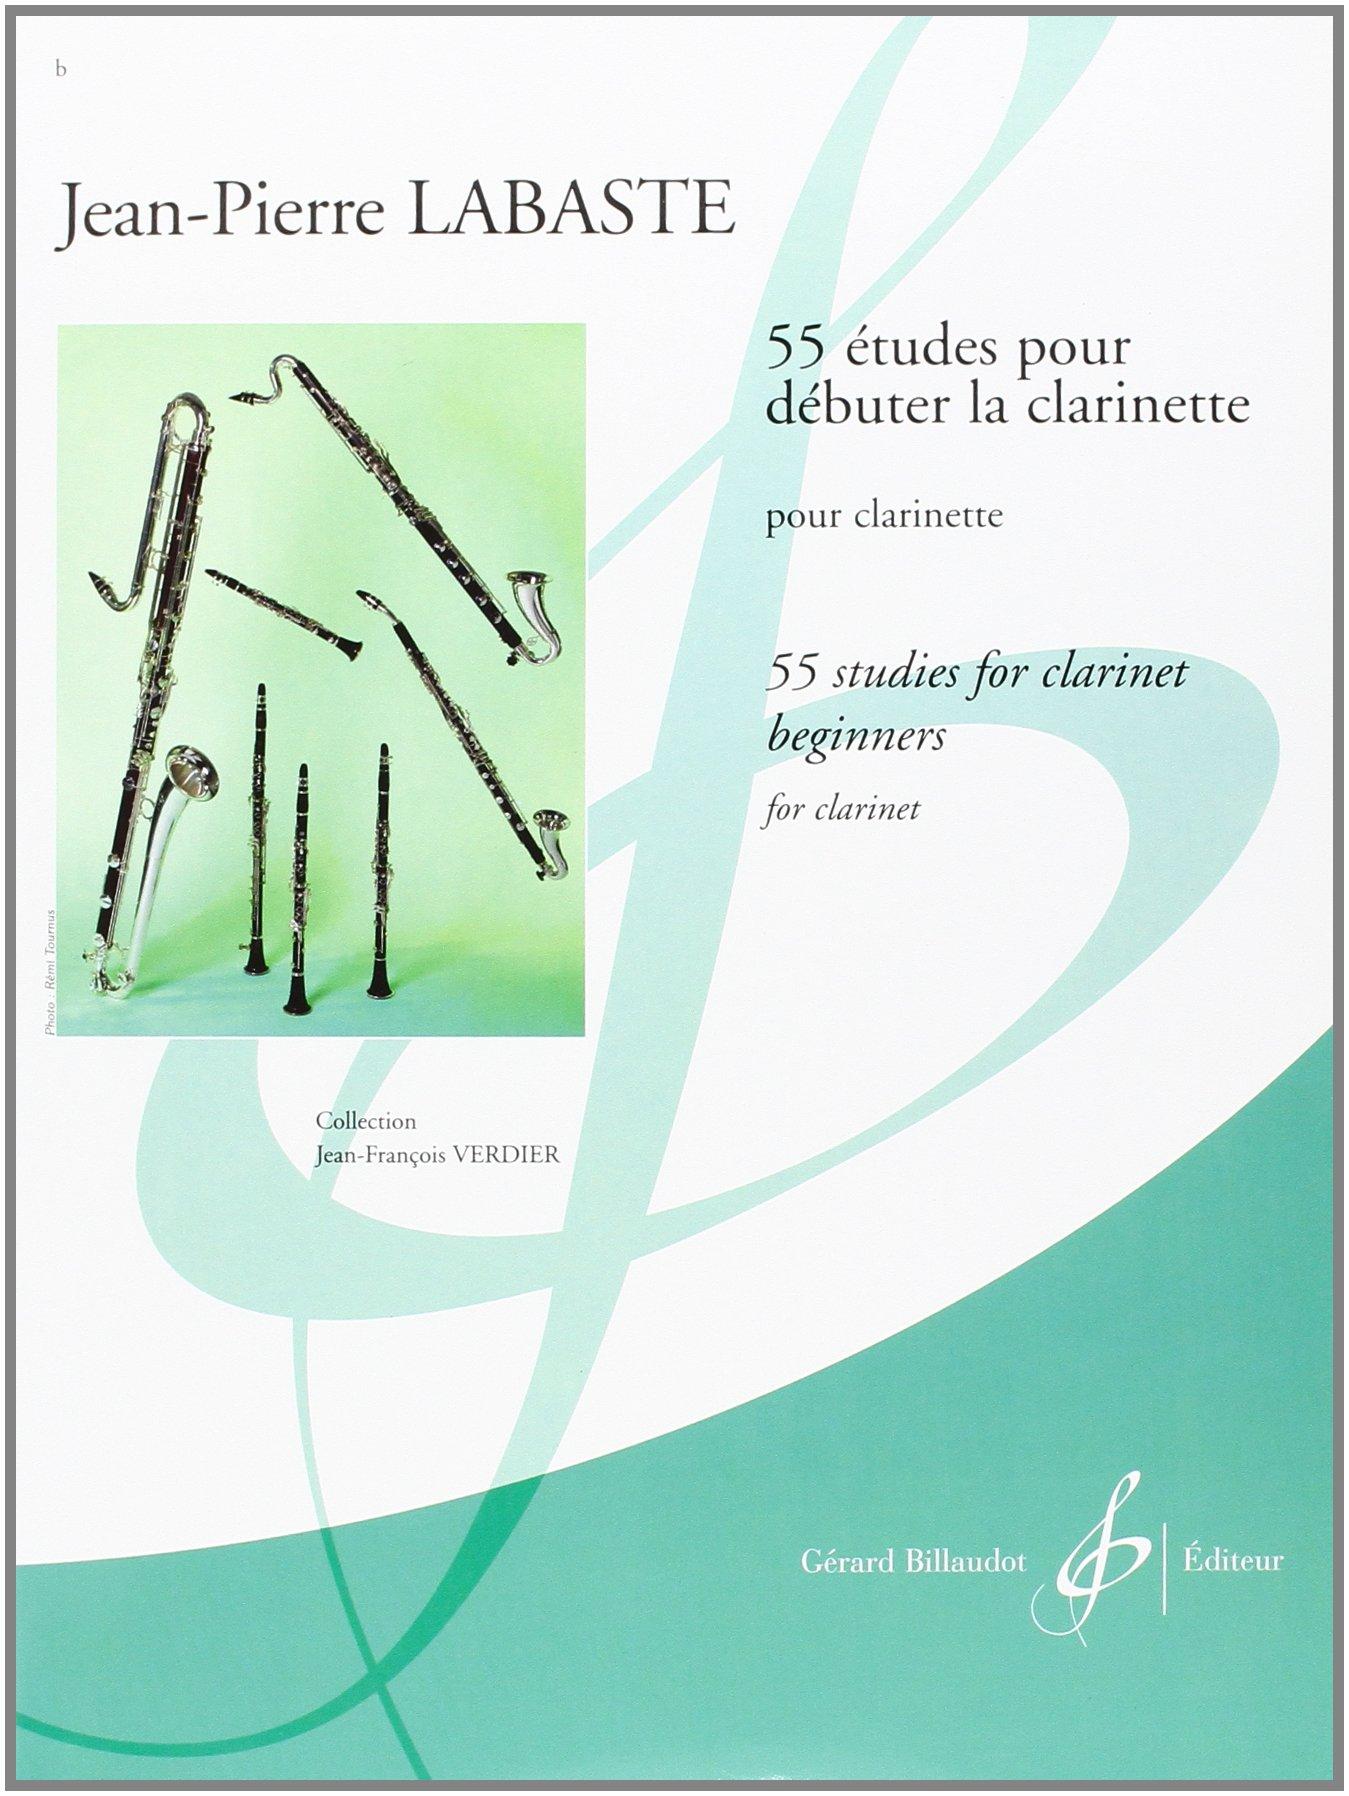 55 Etudes pour Debuter la Clarinette (Allemand) Broché – 1 février 2009 Labaste Jean-Pierre Billaudot B003JYOW6W Reference books